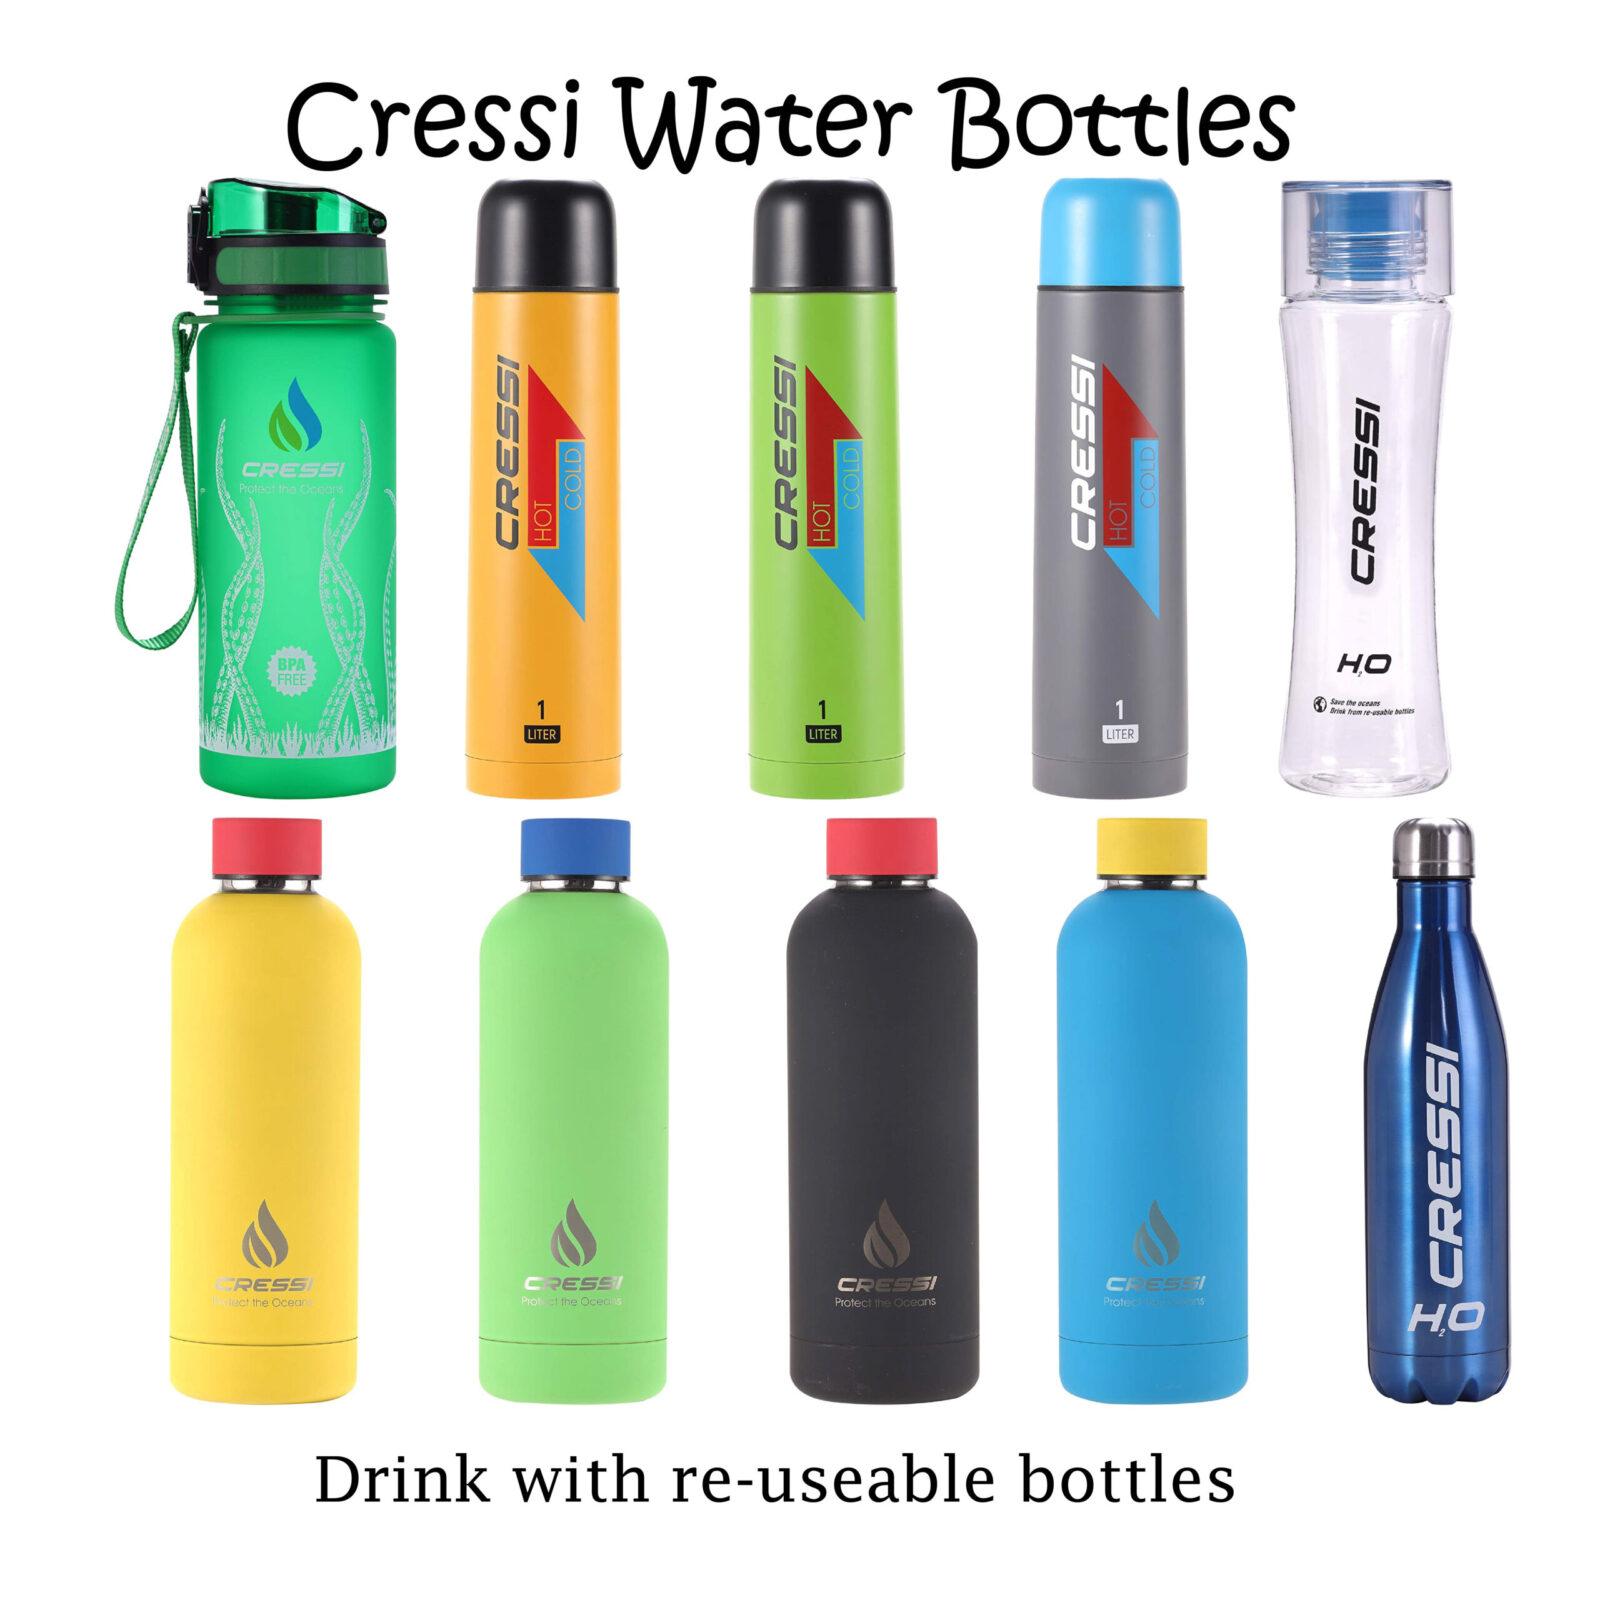 water bottles-01-01-01-01